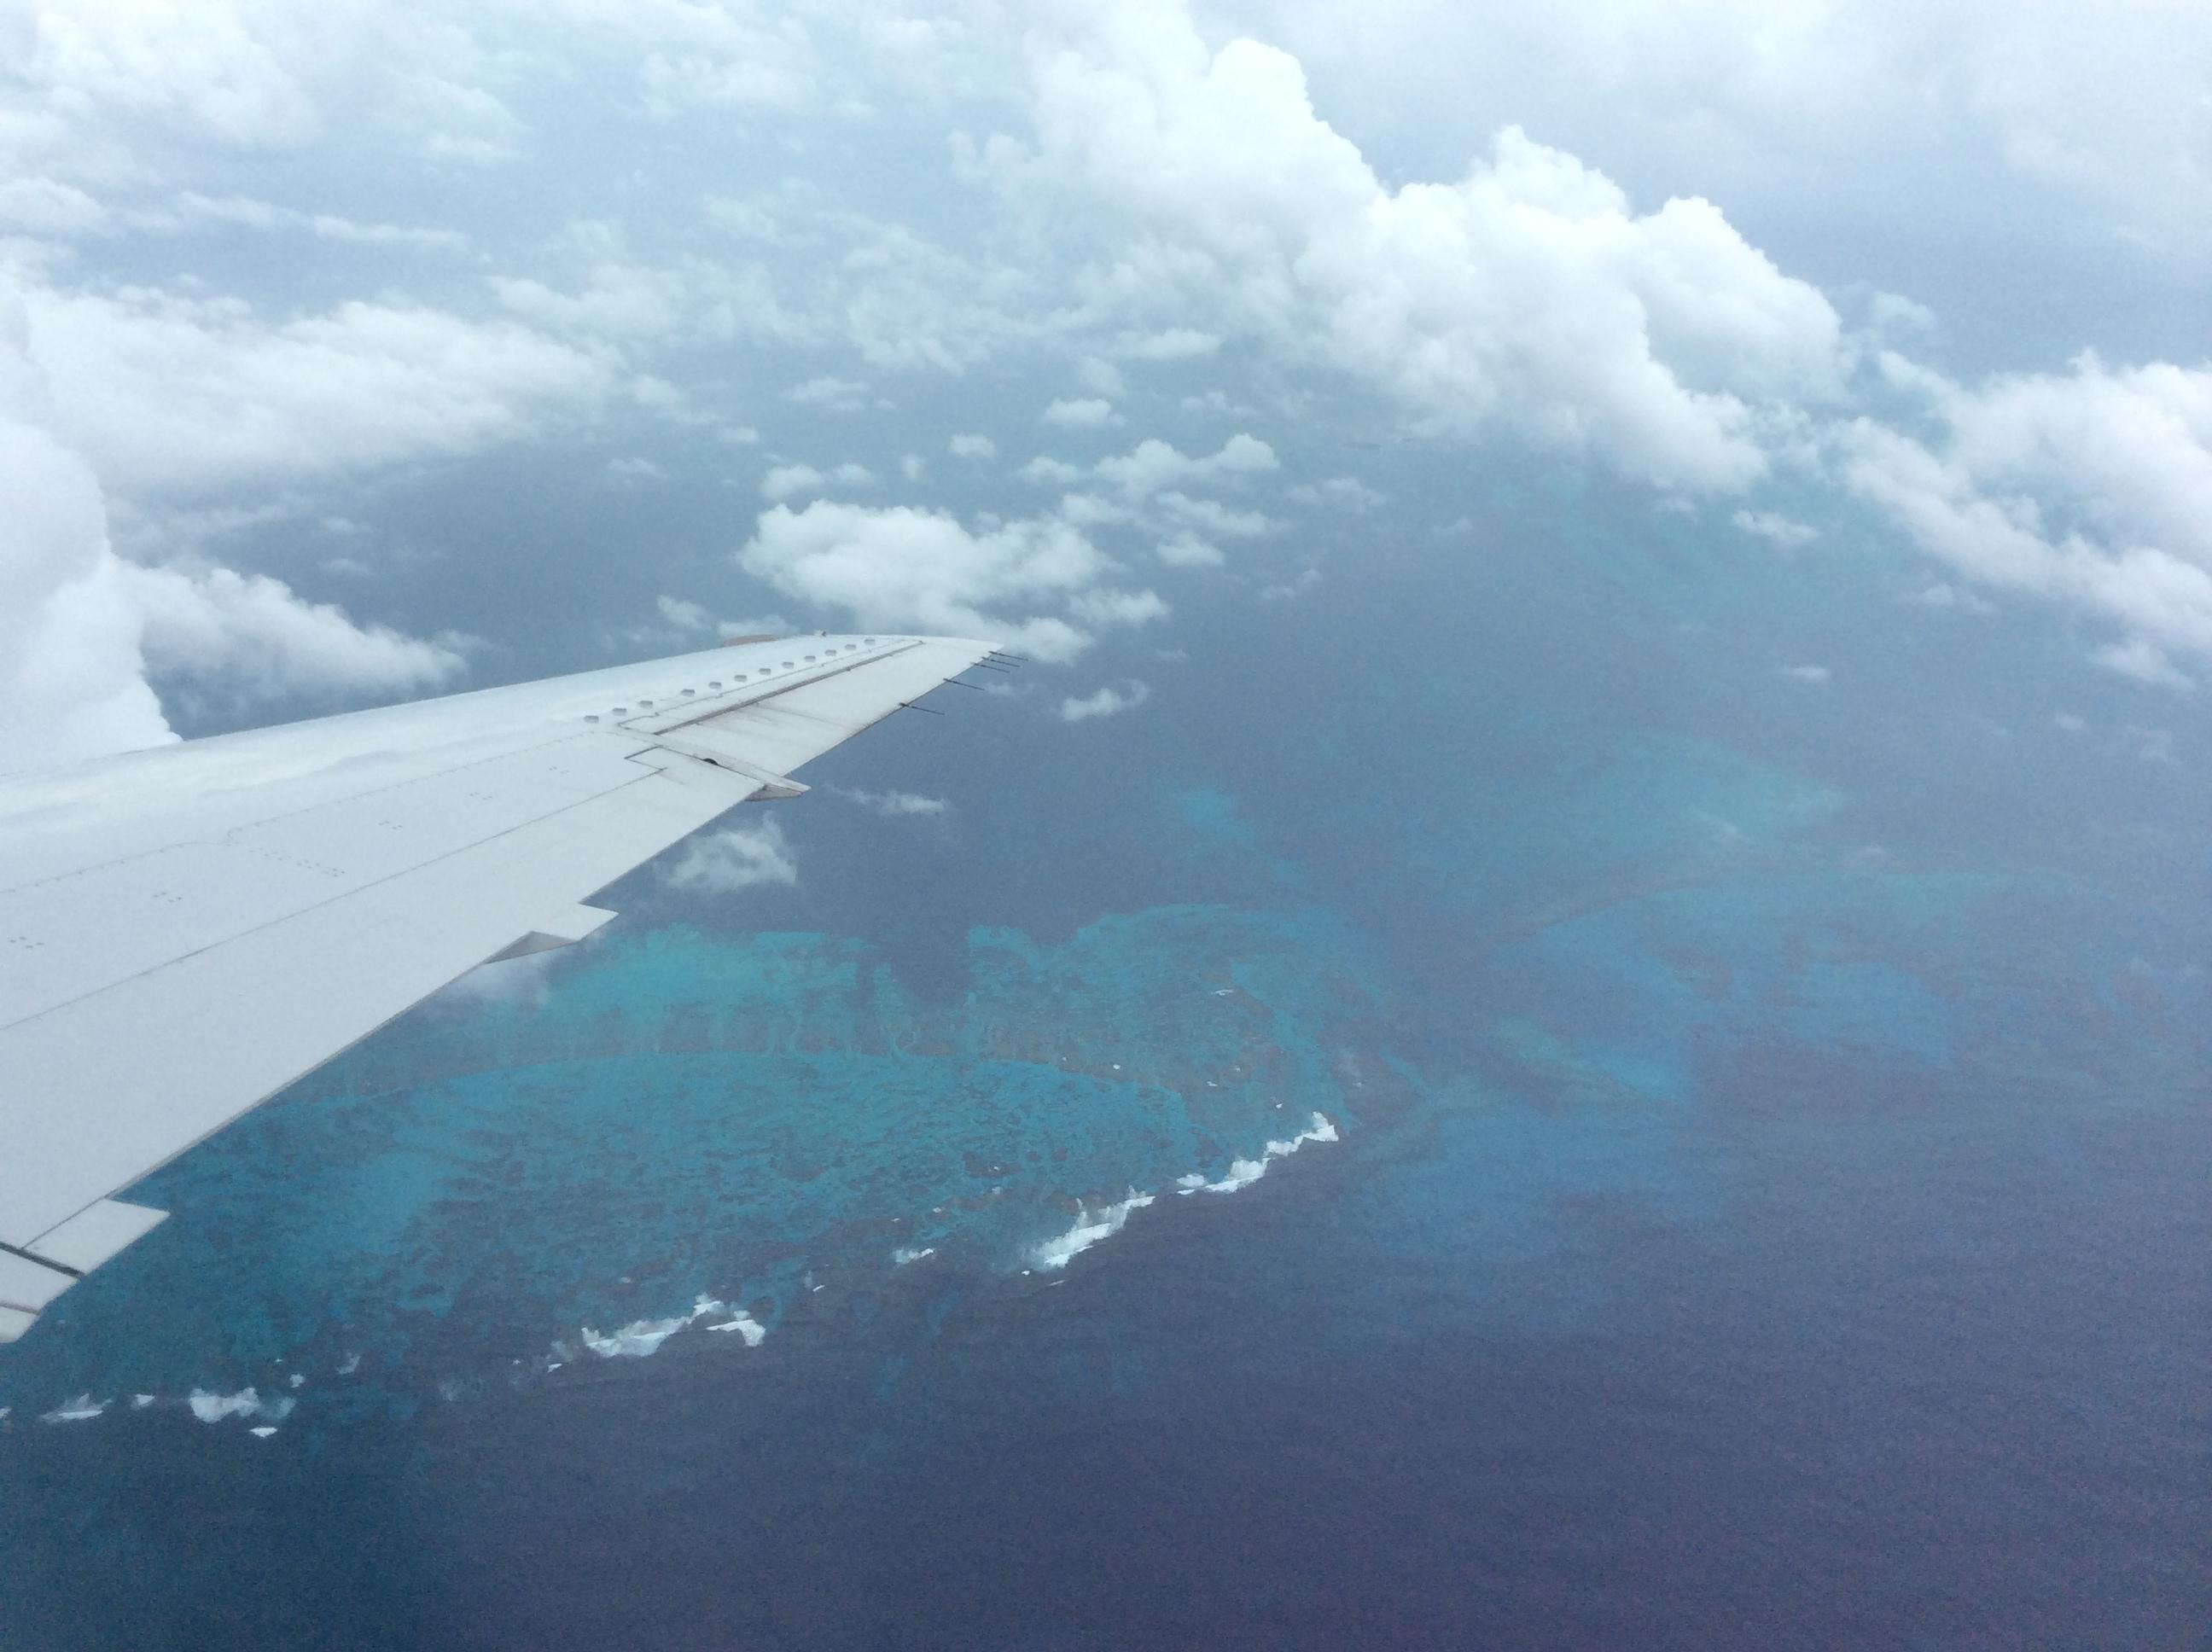 Volo bahamas